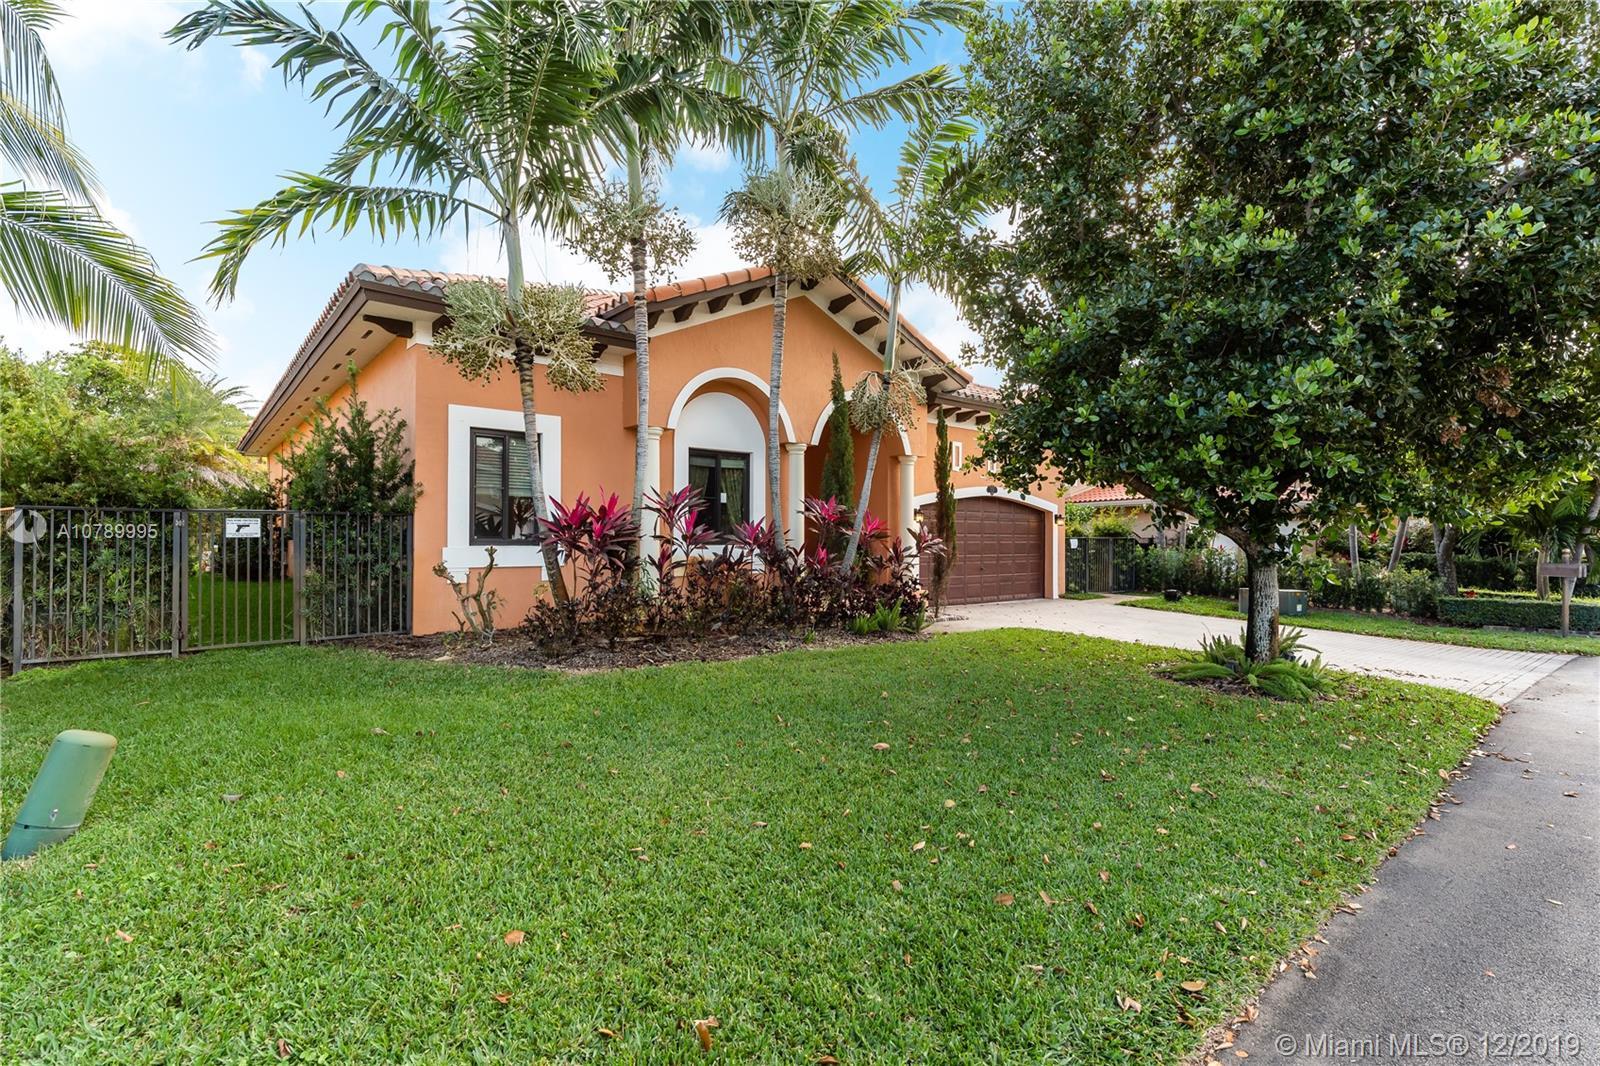 7736 SW 193rd Ln, Cutler Bay, FL 33157 - Cutler Bay, FL real estate listing